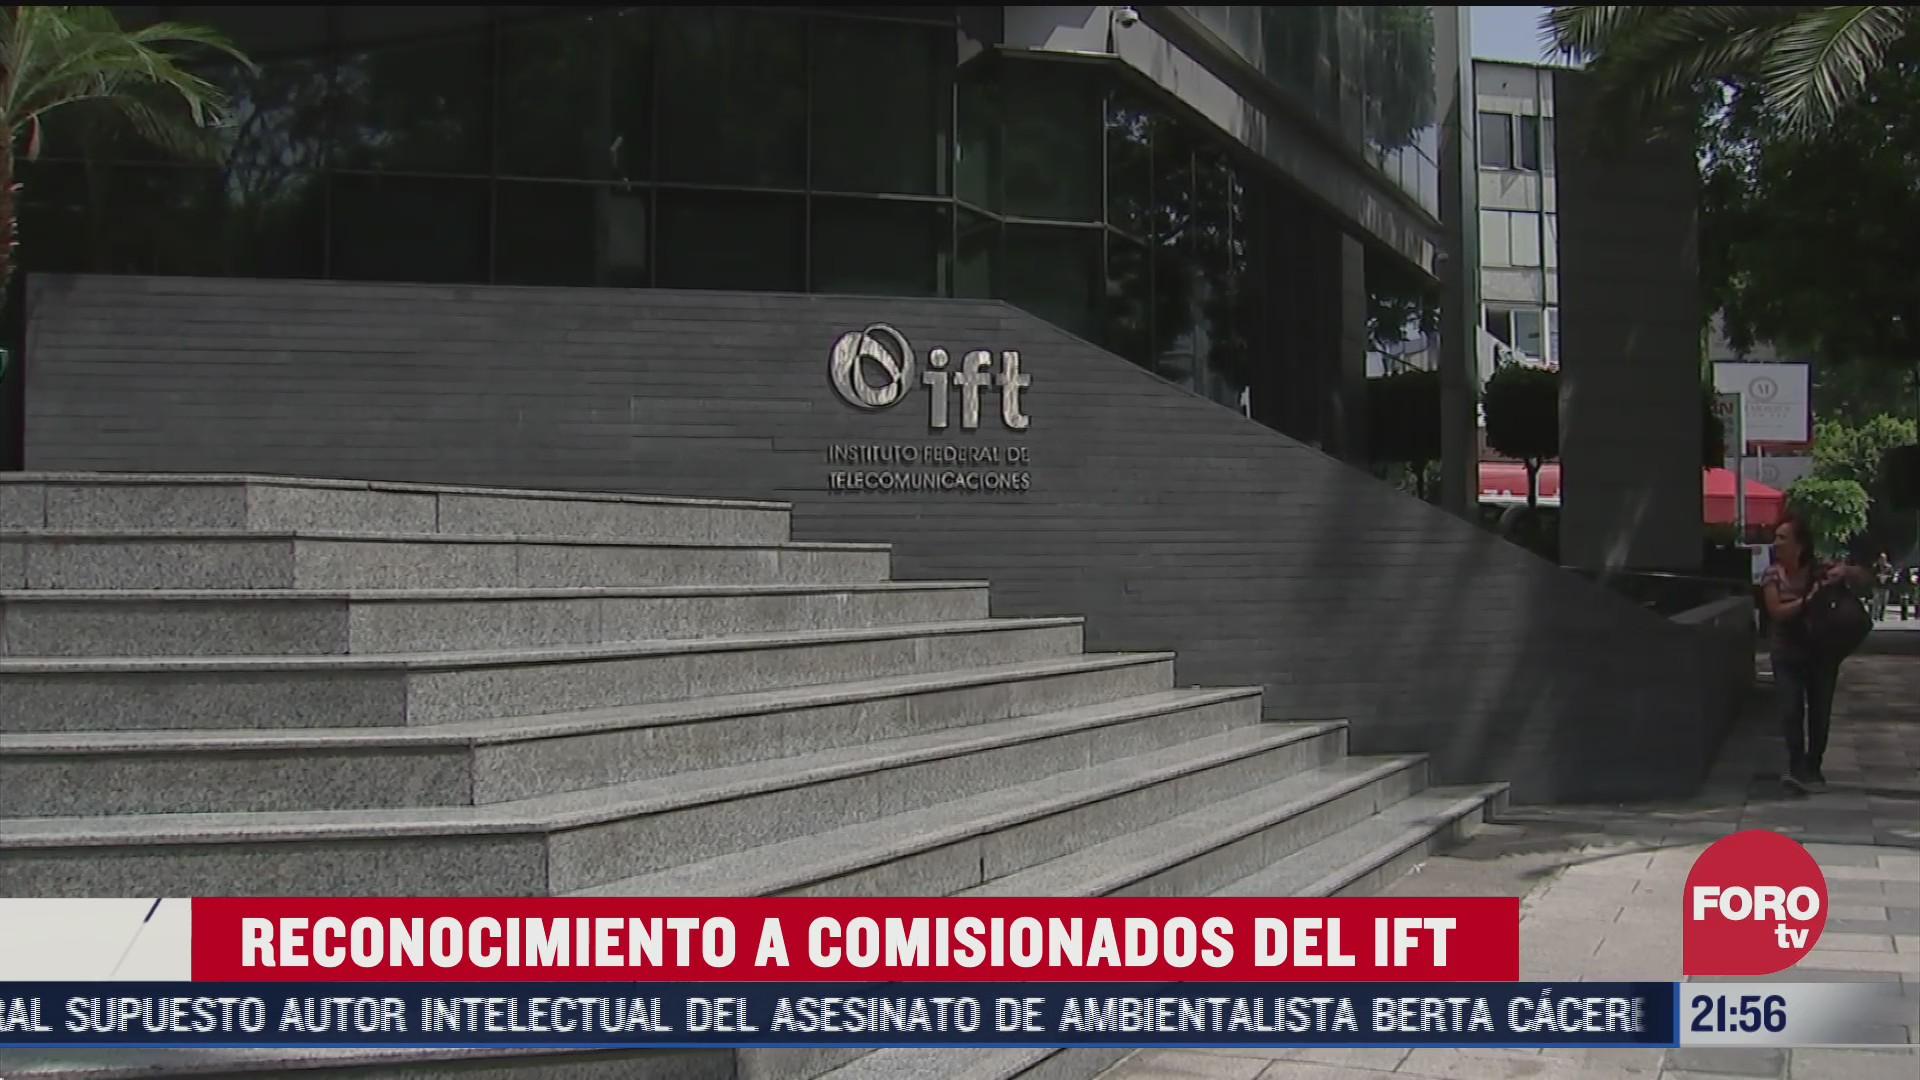 Instituto Federal de Telecomunicaciones (IFT)